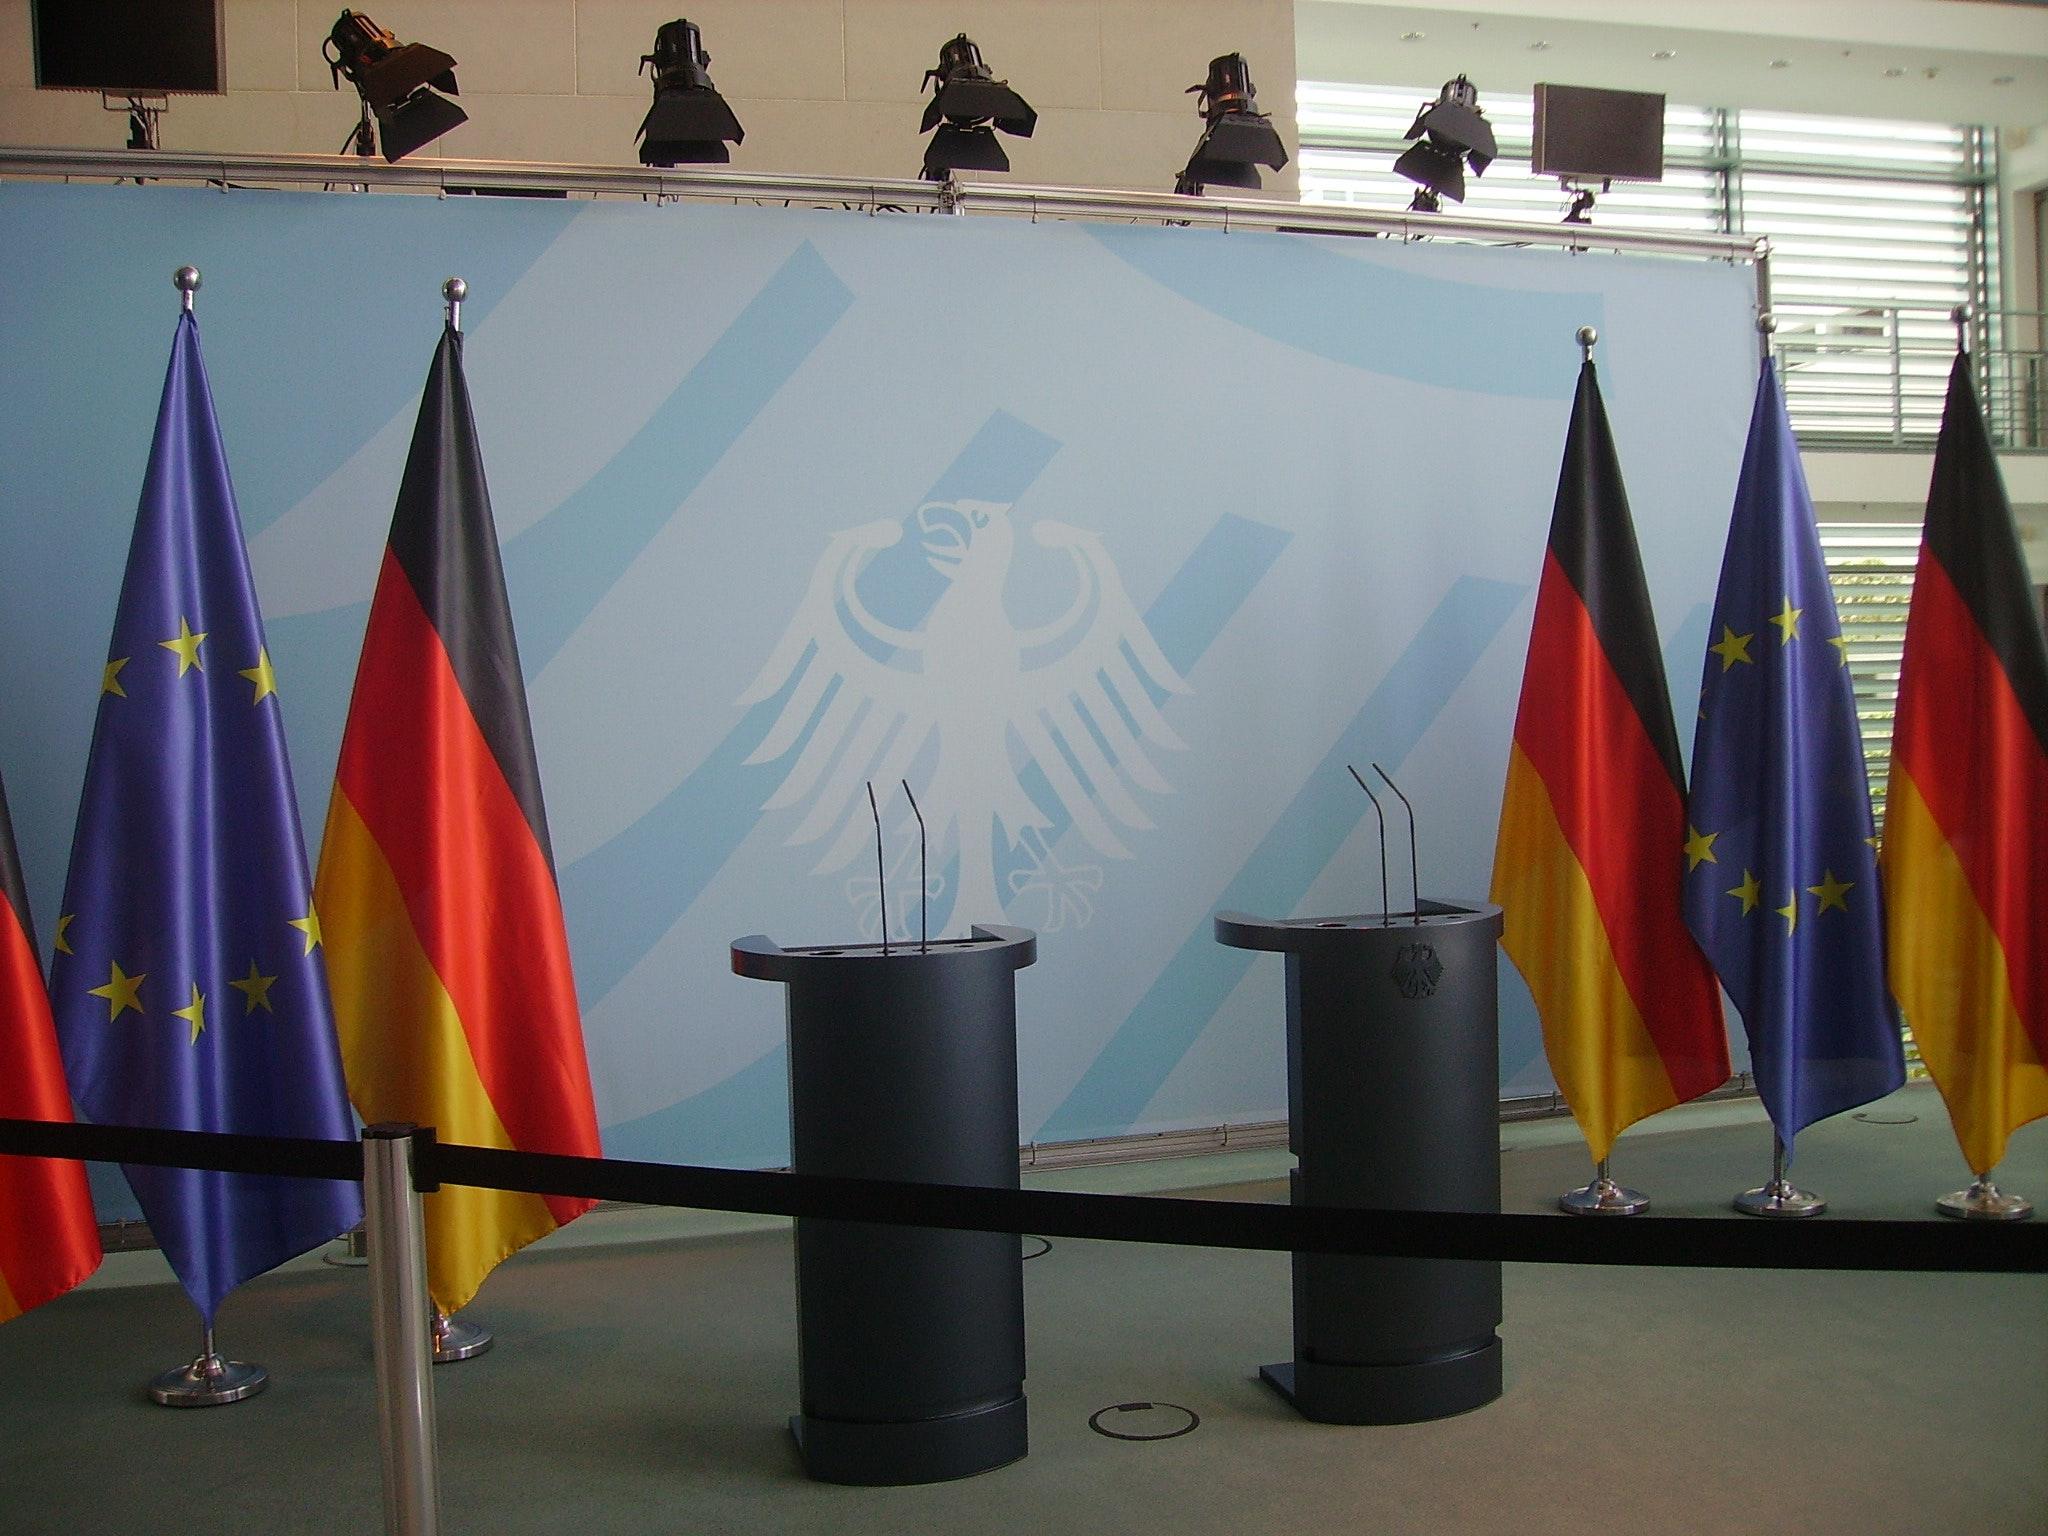 Bild einiger Flaggen